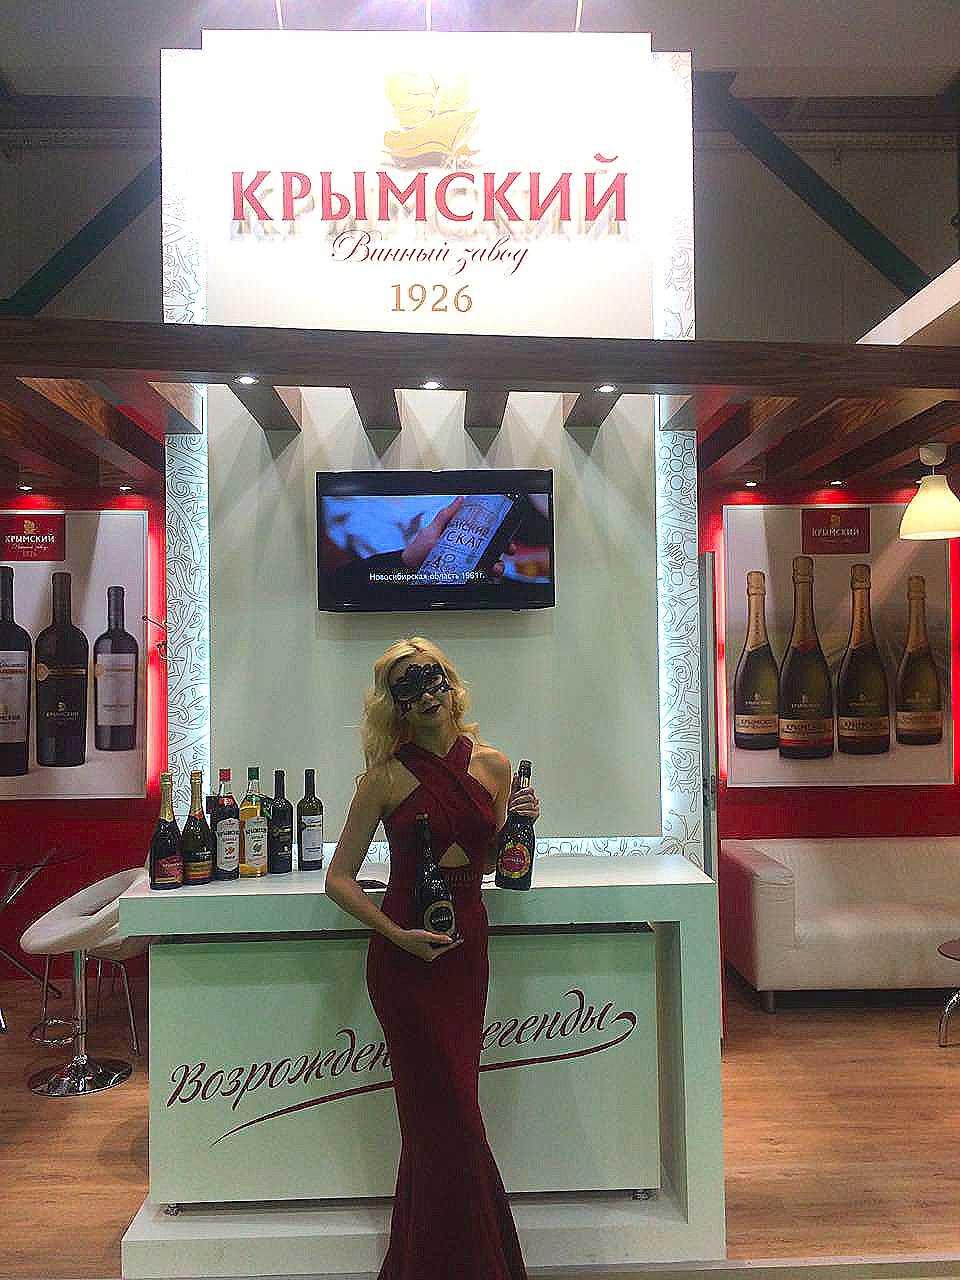 Крымский винный завод Продэкспо 2017